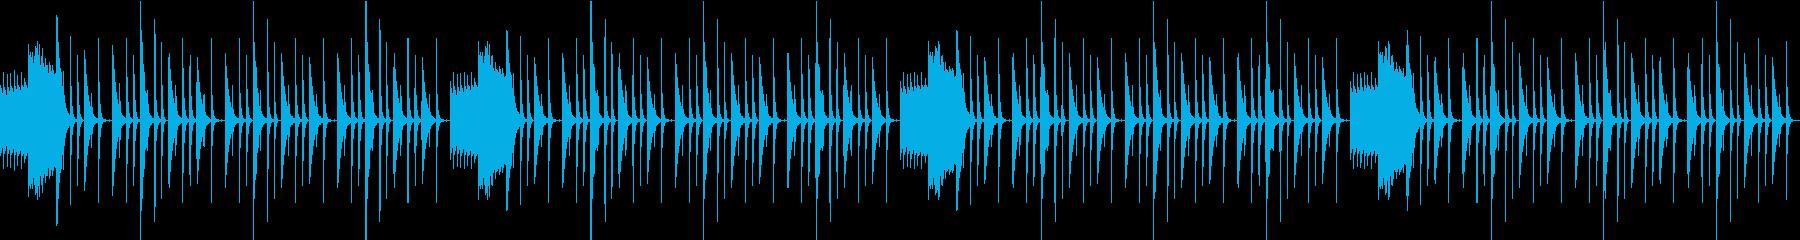 クイズ、シンキングタイム、ループ素材の再生済みの波形